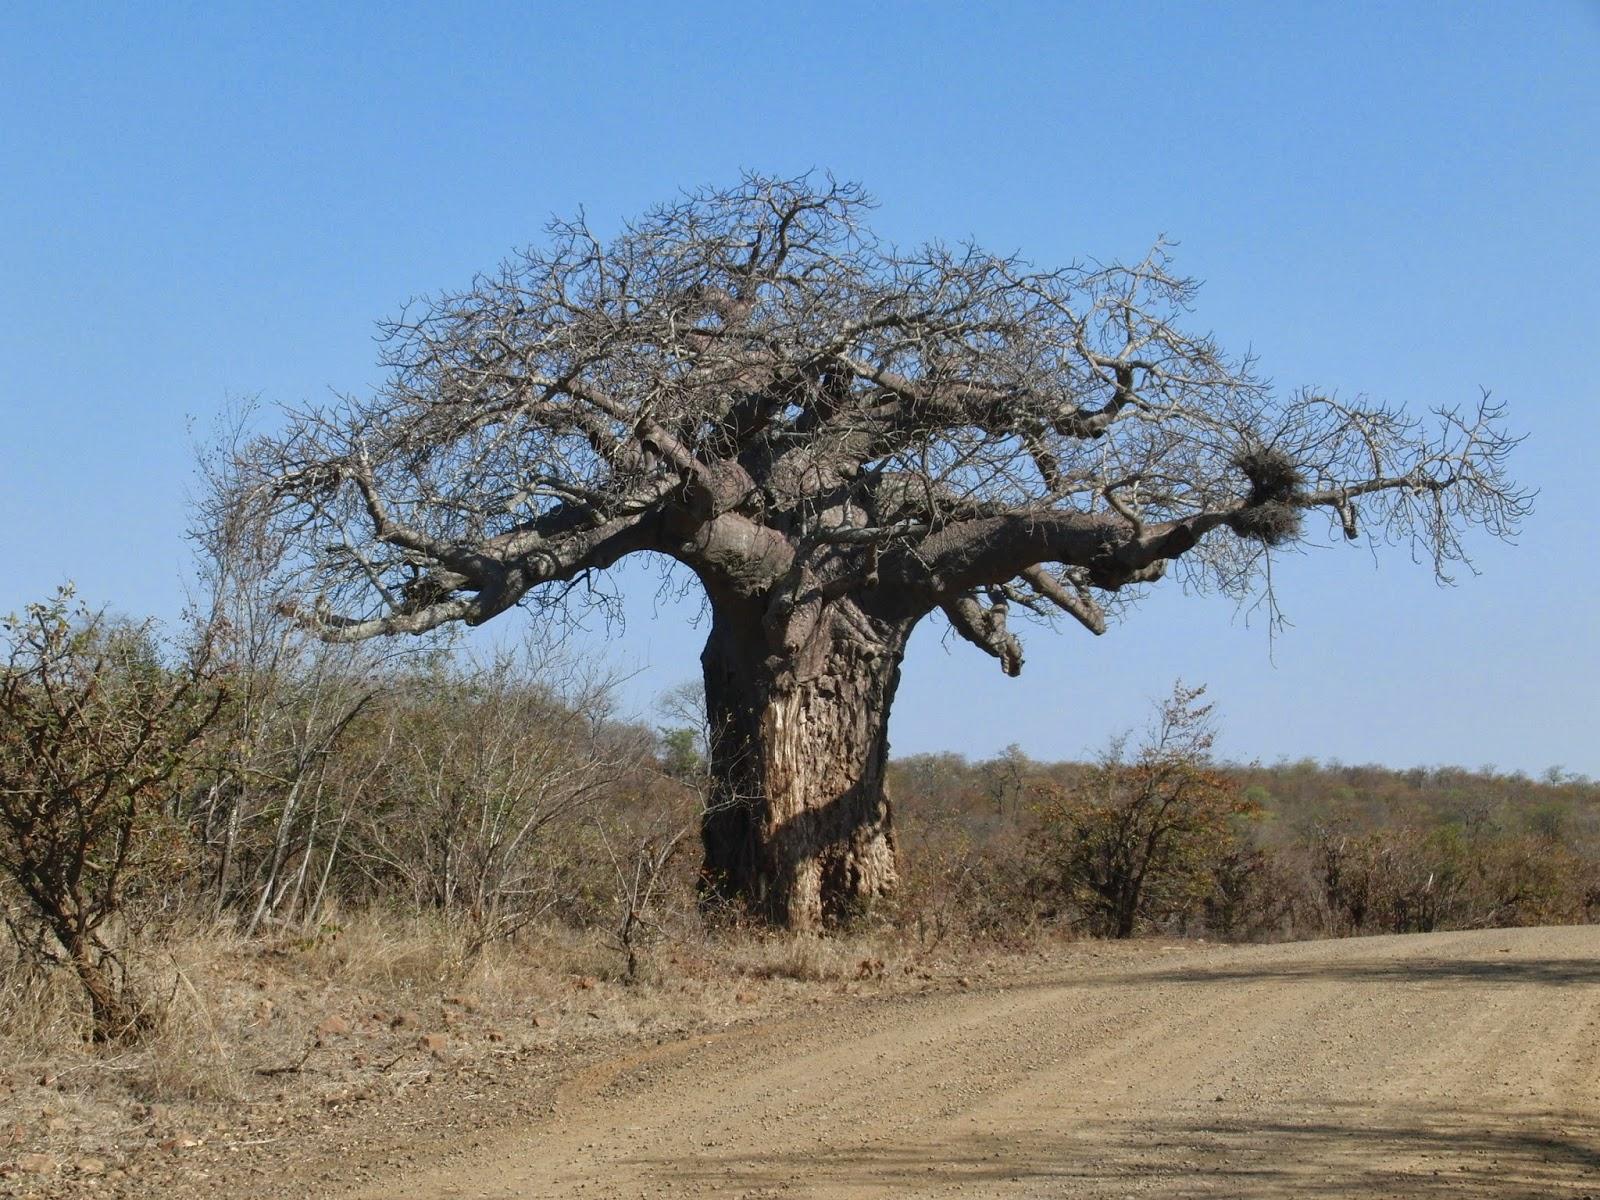 mischas reiseseite ein baum aus der urwelt der baobab. Black Bedroom Furniture Sets. Home Design Ideas